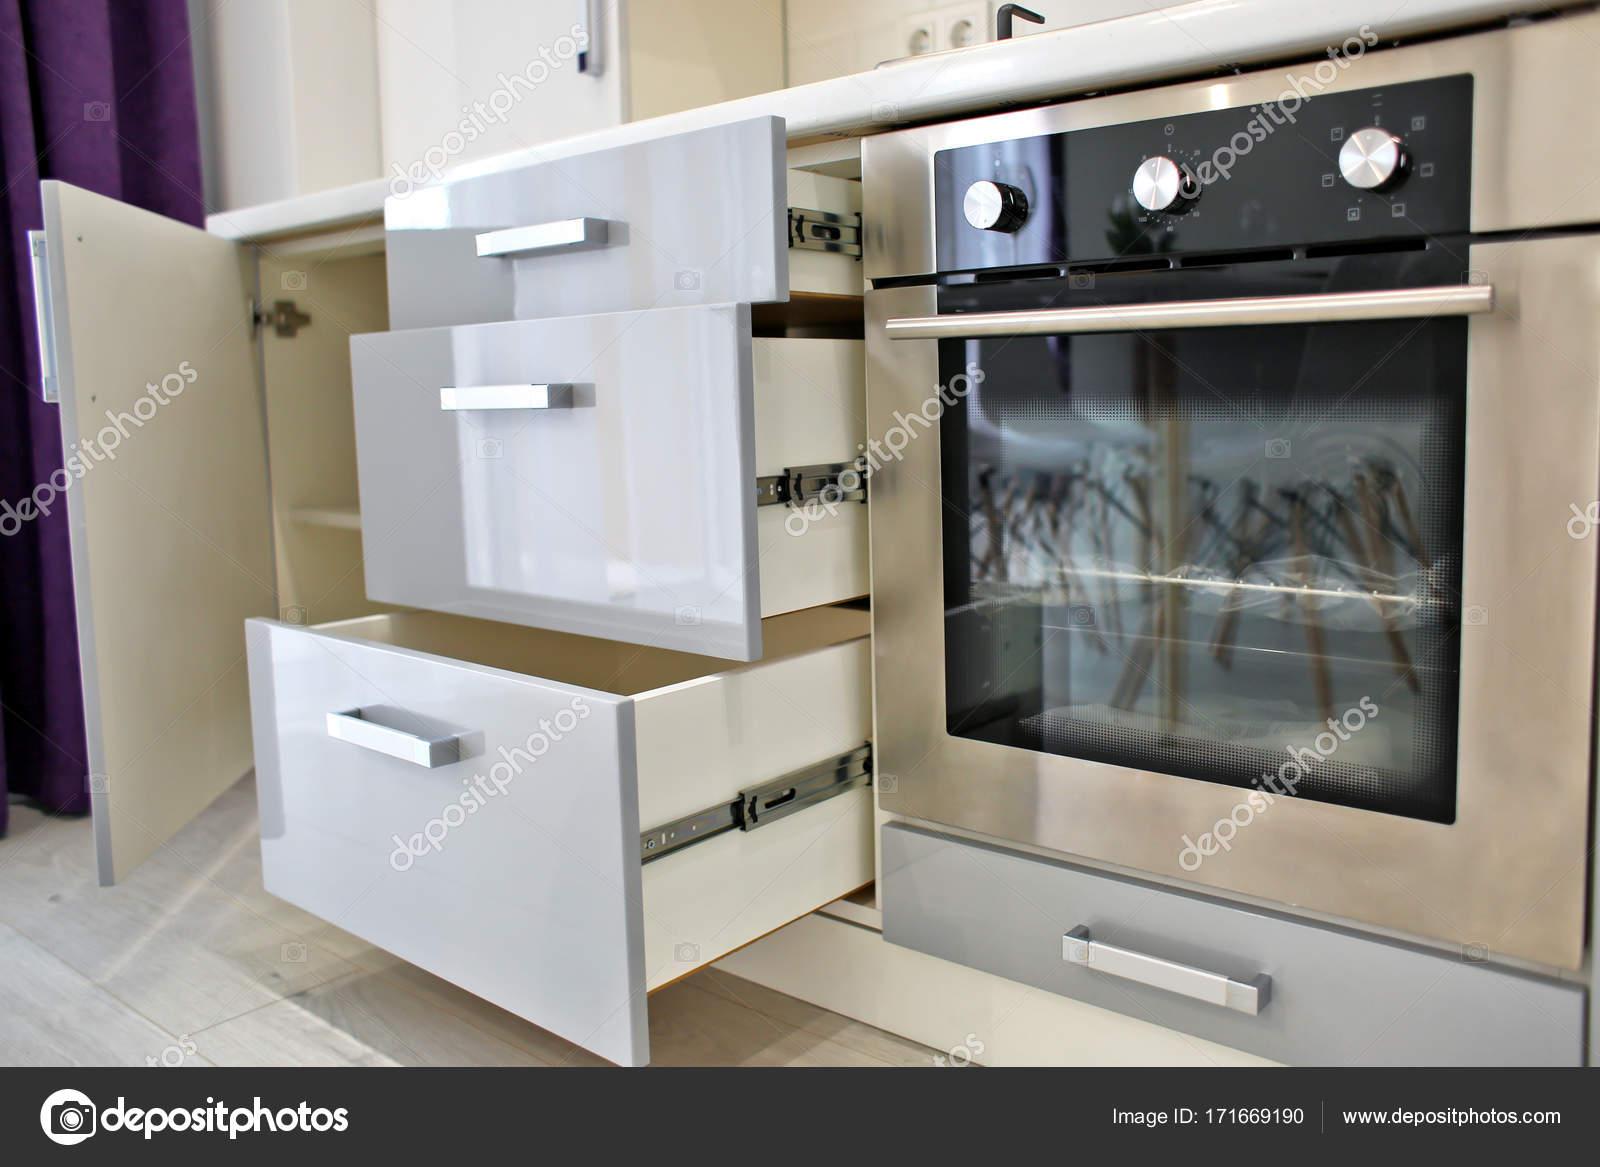 Mobili per cucina moderna — Foto Stock © belchonock #171669190